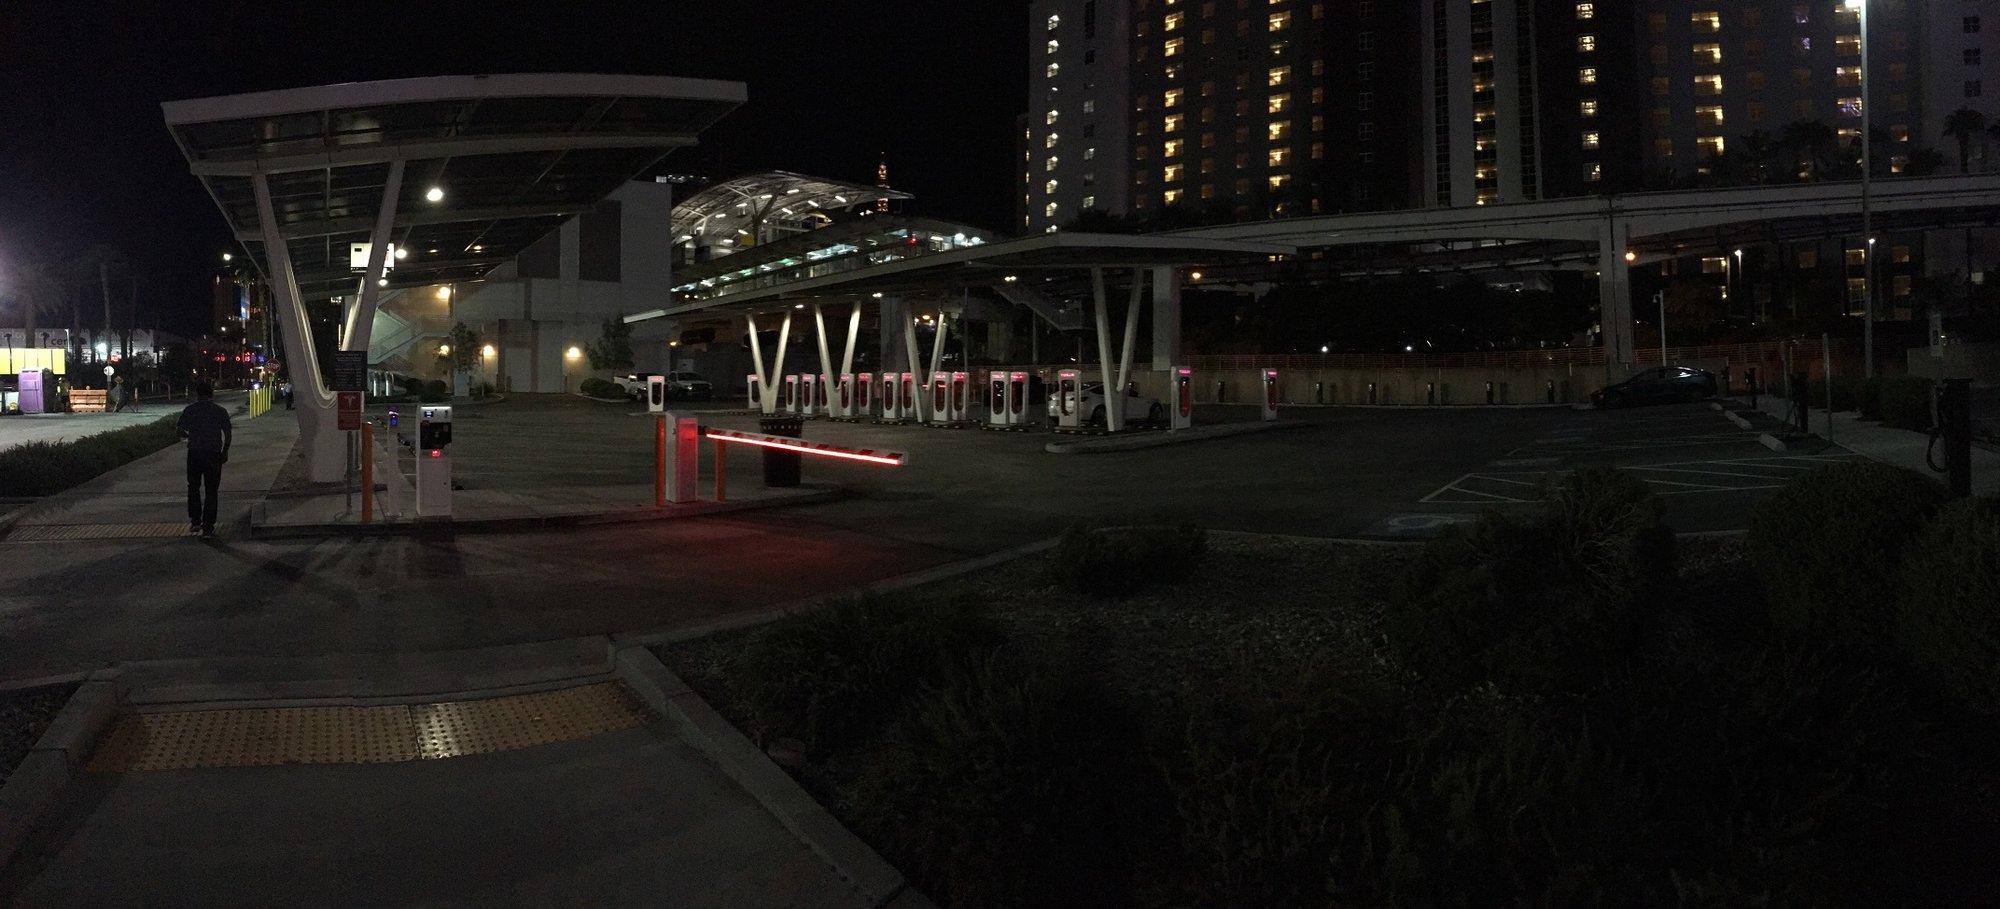 VegasV3.jpg